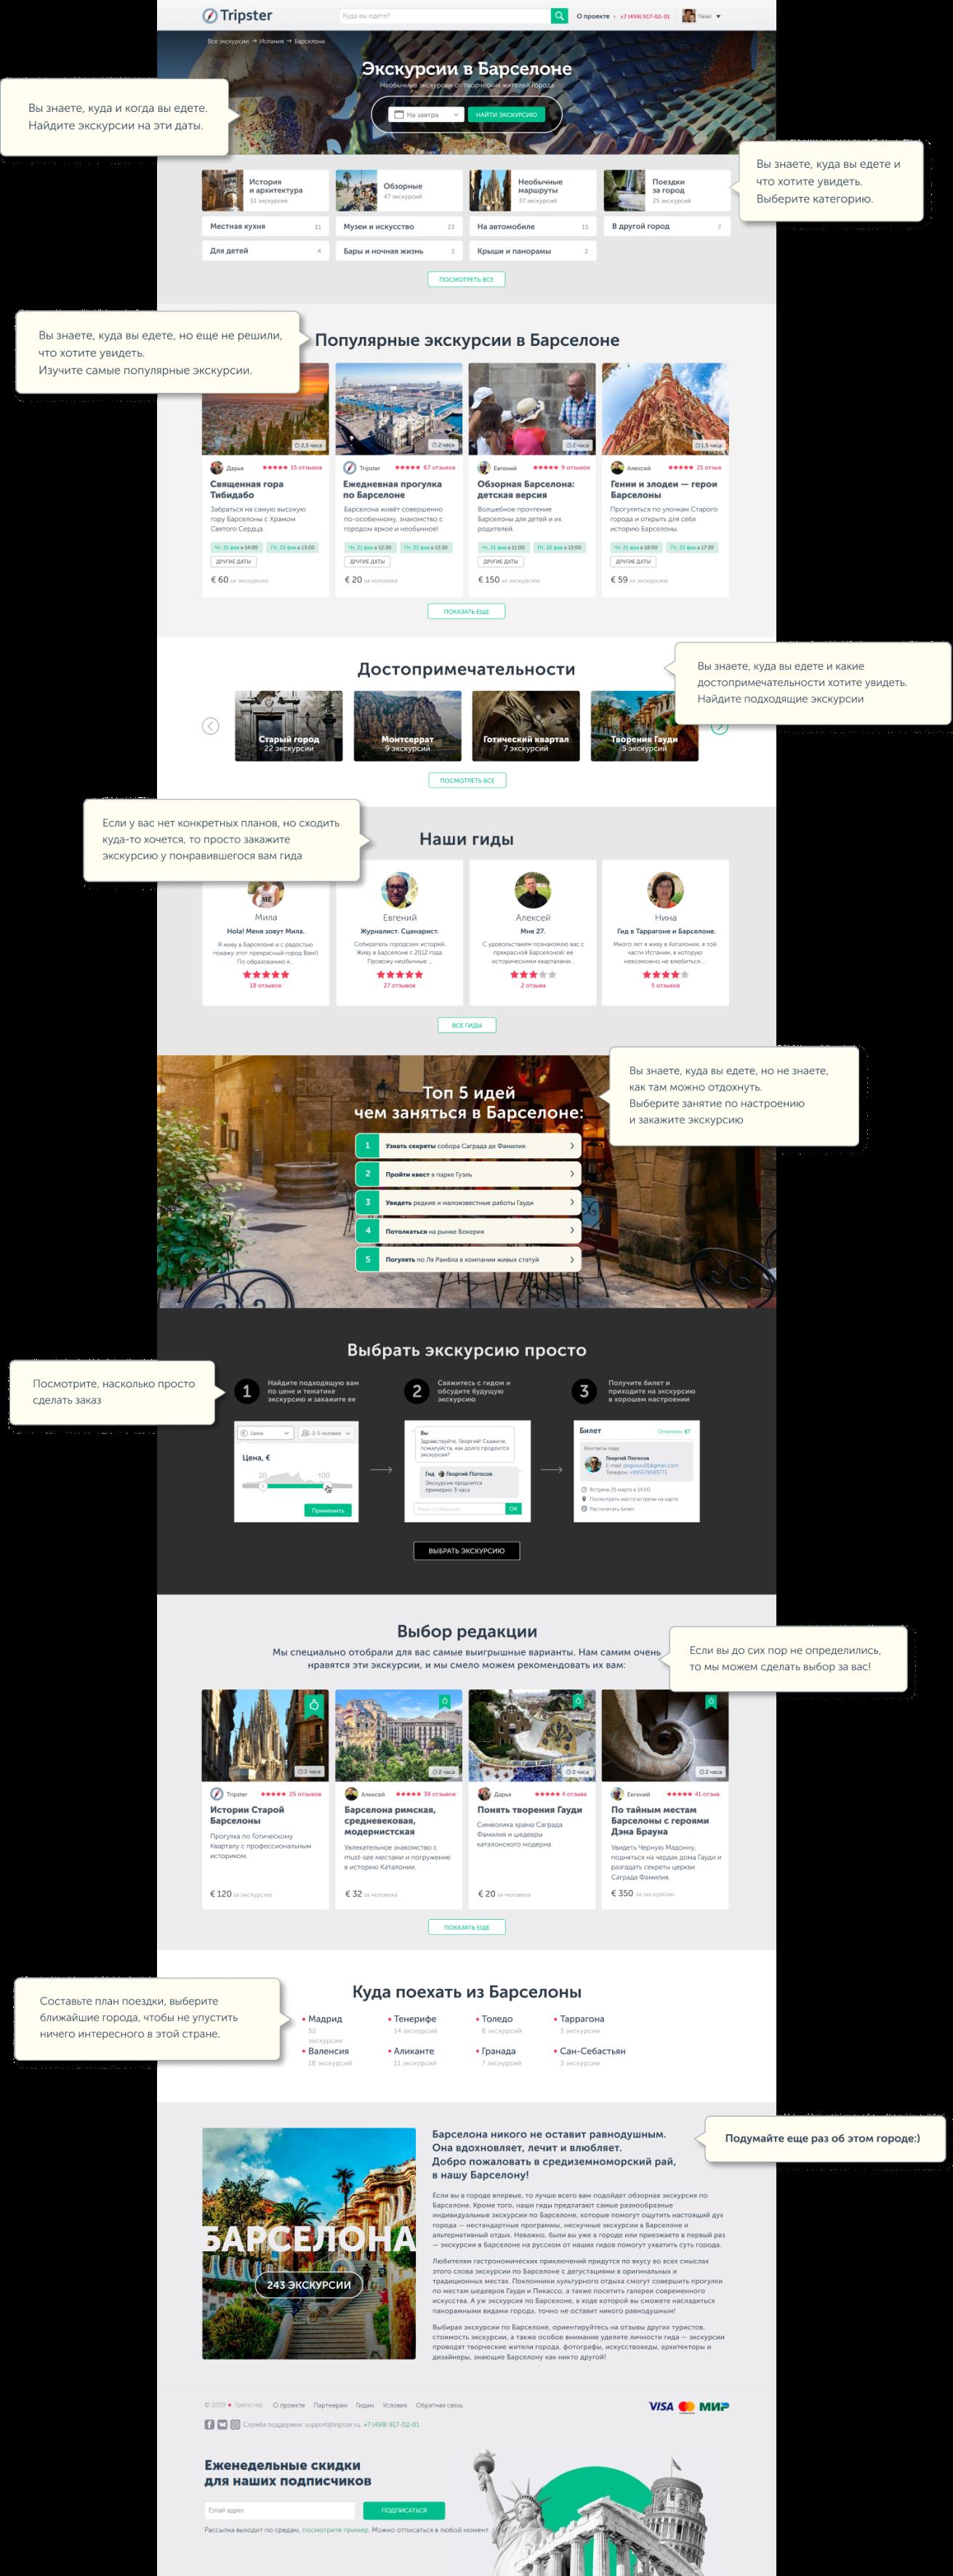 Маршруты пользователя по главной странице экскурсий